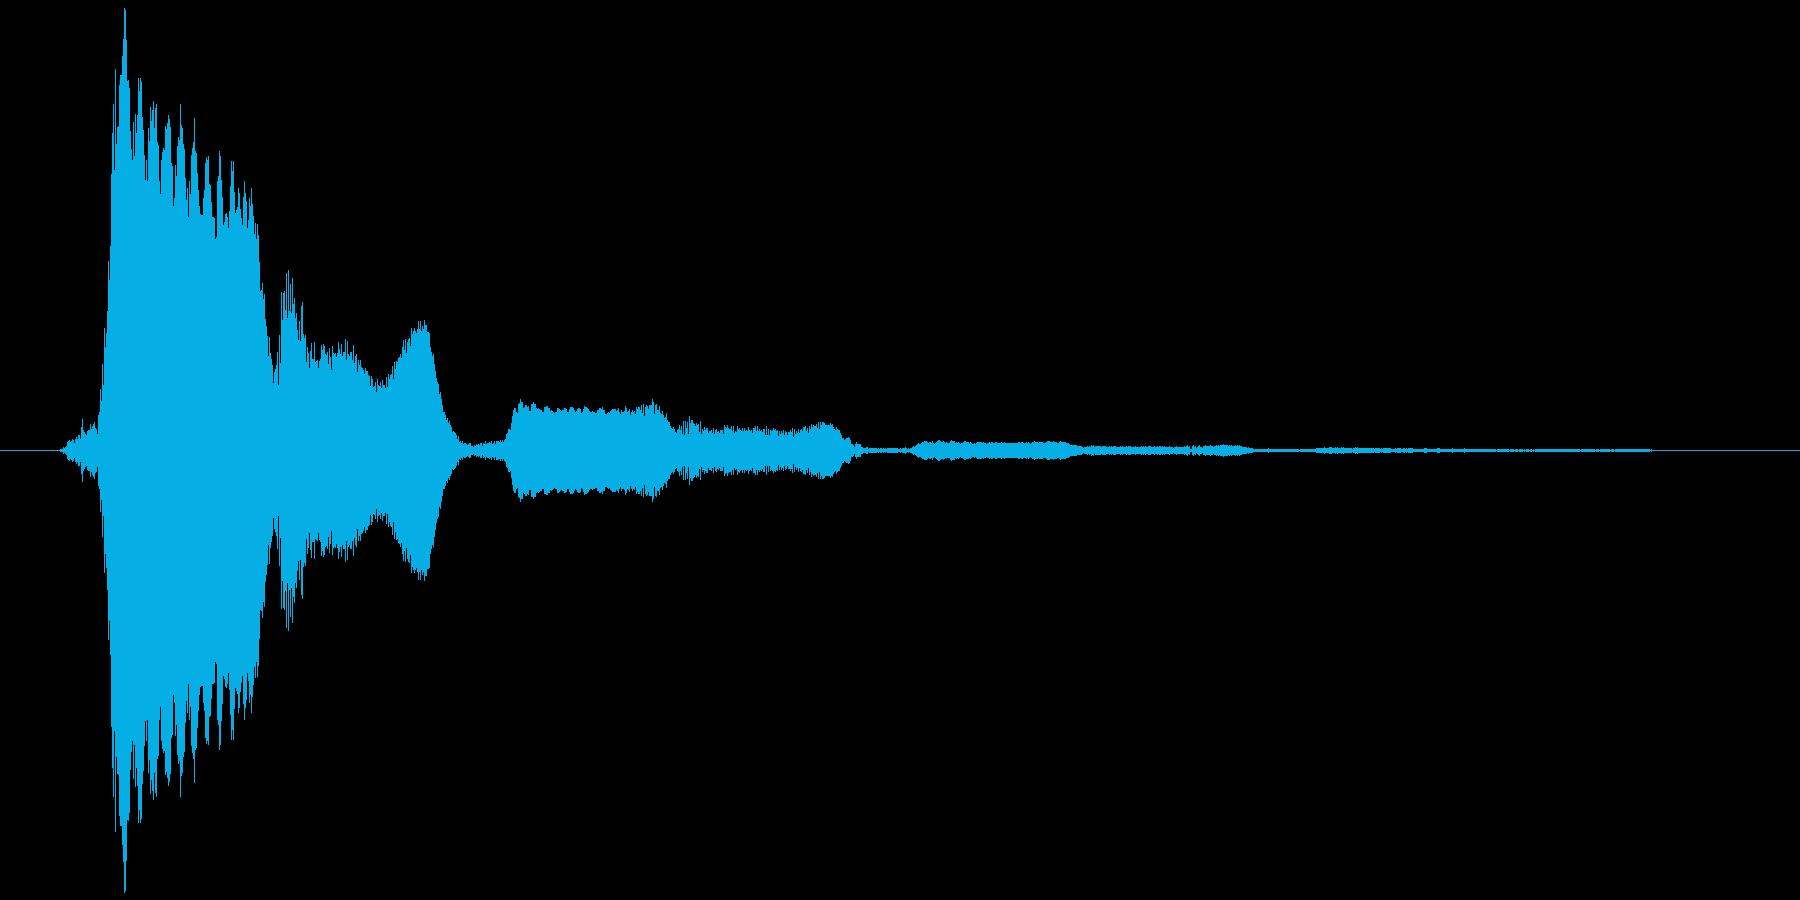 ポップアップ_決定音系_04の再生済みの波形